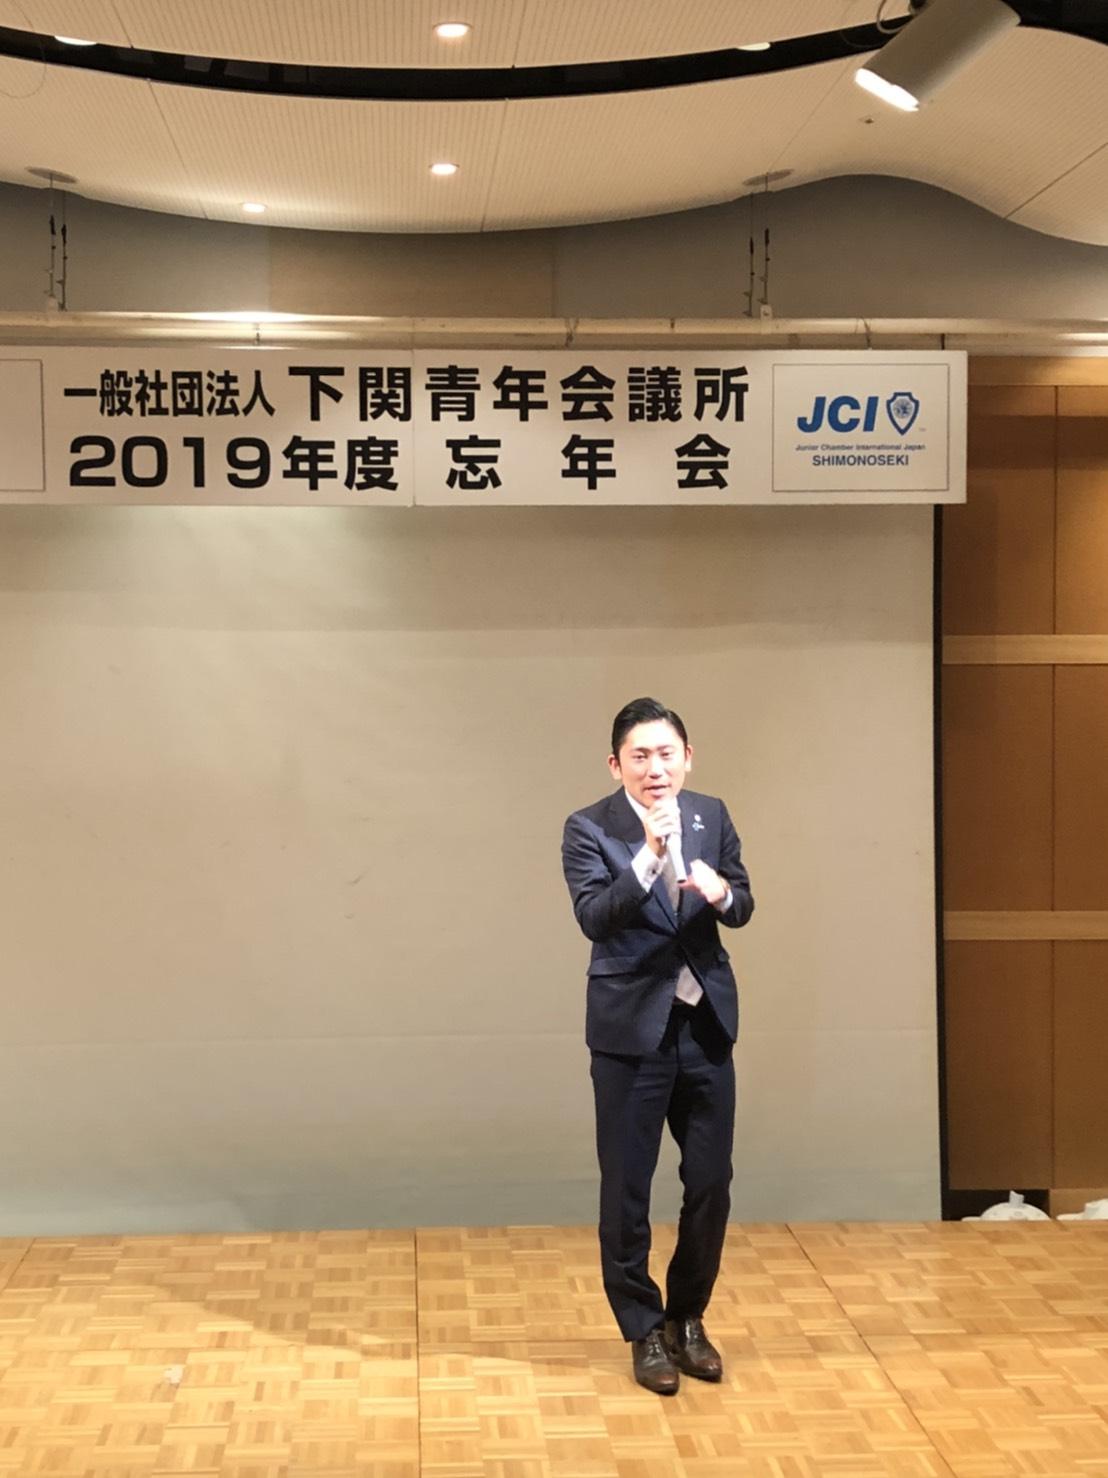 「2019年度12月度例会及び忘年会」のサムネイル画像2